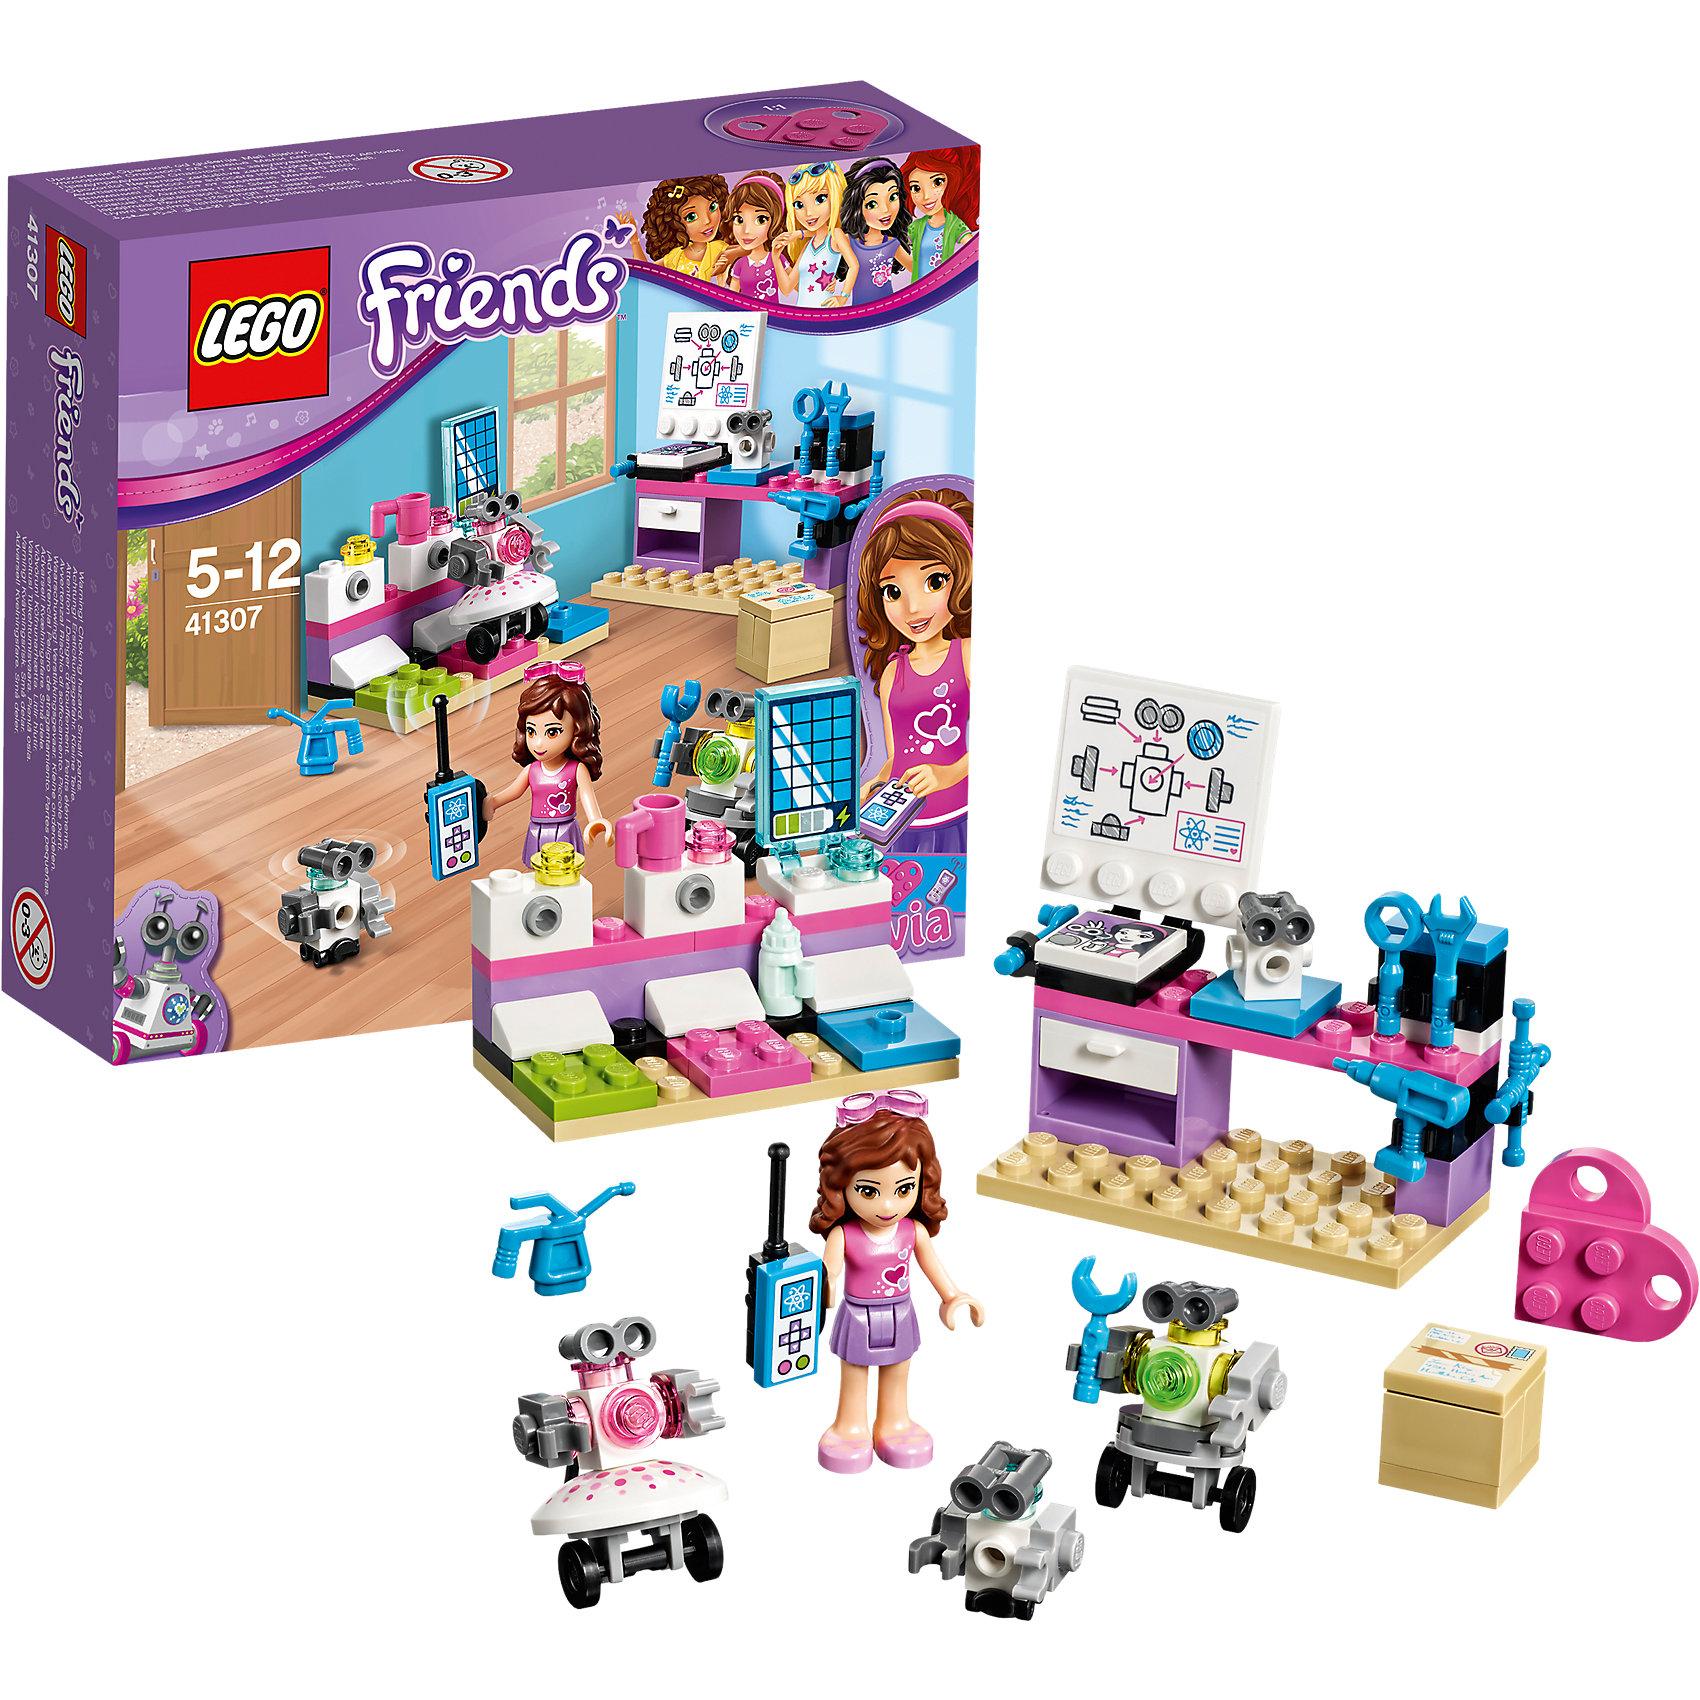 LEGO Friends 41307: Творческая лаборатория ОливииLEGO Friends 41307: Творческая лаборатория Оливии<br><br>Характеристики:<br><br>- в набор входит: детали лаборатории и трех роботов, фигурка Оливии, аксессуары, красочная инструкция<br>- состав: пластик<br>- количество деталей: 91<br>- размер зарядной станции: 6 * 3 * 5 см.<br>- размер лабораторного стола: 7 * 3 * 6 см.<br>- для детей в возрасте: от 5 до 12 лет<br>- Страна производитель: Дания/Китай/Чехия<br><br>Легендарный конструктор LEGO (ЛЕГО) представляет серию «Friends» (Друзья) в которую входят наборы конструкторов интересных не только в строительстве, но и в игре. <br><br>Серия разработана с учетом различных повседневных ситуаций и мест. Оливия просто обожает технику и уже научилась собирать своих роботов. Она заказывает детали со всего мира и у нее получается создавать уникальных роботов. Она собирает роботов-девочек с деталями-юбочками и роботов-мальчиков с функциями ремонта. На ее лабораторном столе расположены схемы и набор инструментов, а так же фотография с любимым роботом. Ящик стола открывается, в набор входит шесть инструментов и пуль управления. Оливия сконструировала станцию для зарядки для роботов, чтобы они не перестали работать. <br><br>Фигурка Оливии отлично проработана, ее рельефные волосы уложены в красивую прическу и она носит розовый бант. Ее наряд ей отлично подходит – розовый топ и лиловая однотонная юбка. Фигурка может двигать головой, руками, торсом и принимать сидячее положение. В набор входит розовая деталь-кулончик серии LEGO «Friends». <br><br>Играя с конструктором ребенок развивает моторику рук, воображение и логическое мышление, научится собирать по инструкции и создавать свои модели. Придумывайте новые истории любимых героев с набором LEGO «Friends»!<br><br>Конструктор LEGO Friends 41307: Творческая лаборатория Оливии можно купить в нашем интернет-магазине.<br><br>Ширина мм: 144<br>Глубина мм: 159<br>Высота мм: 48<br>Вес г: 118<br>Возраст от месяцев: 60<br>Возраст до месяцев: 144<